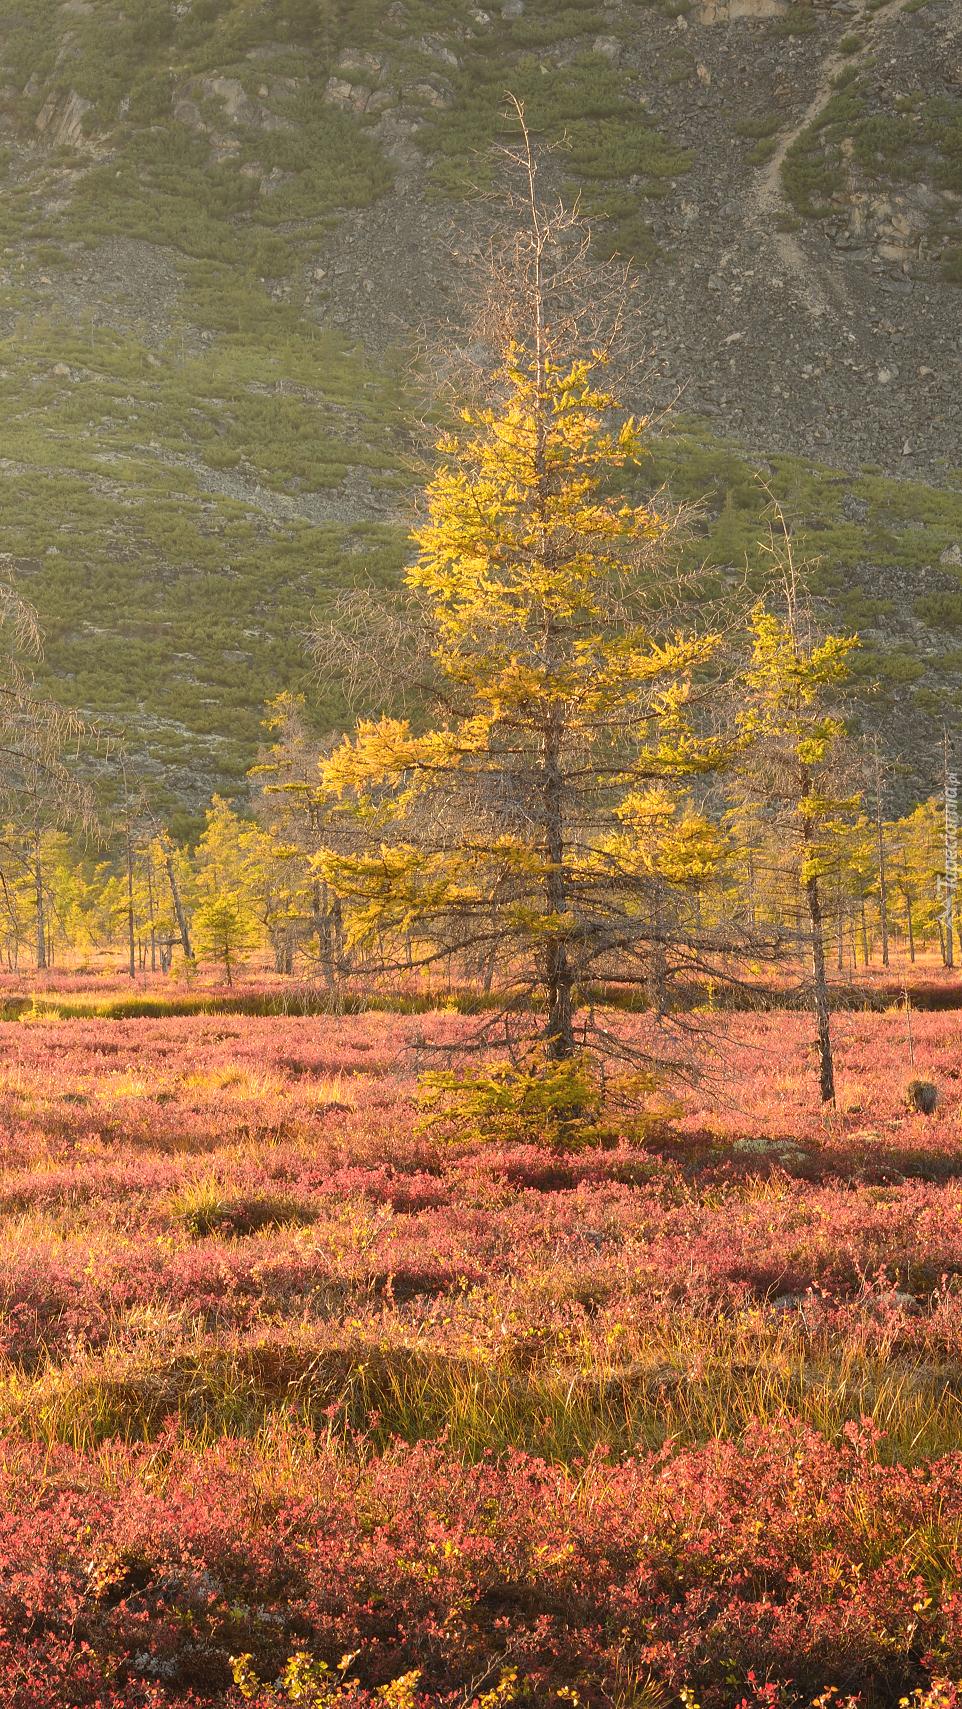 Drzewa i trawy jesienią